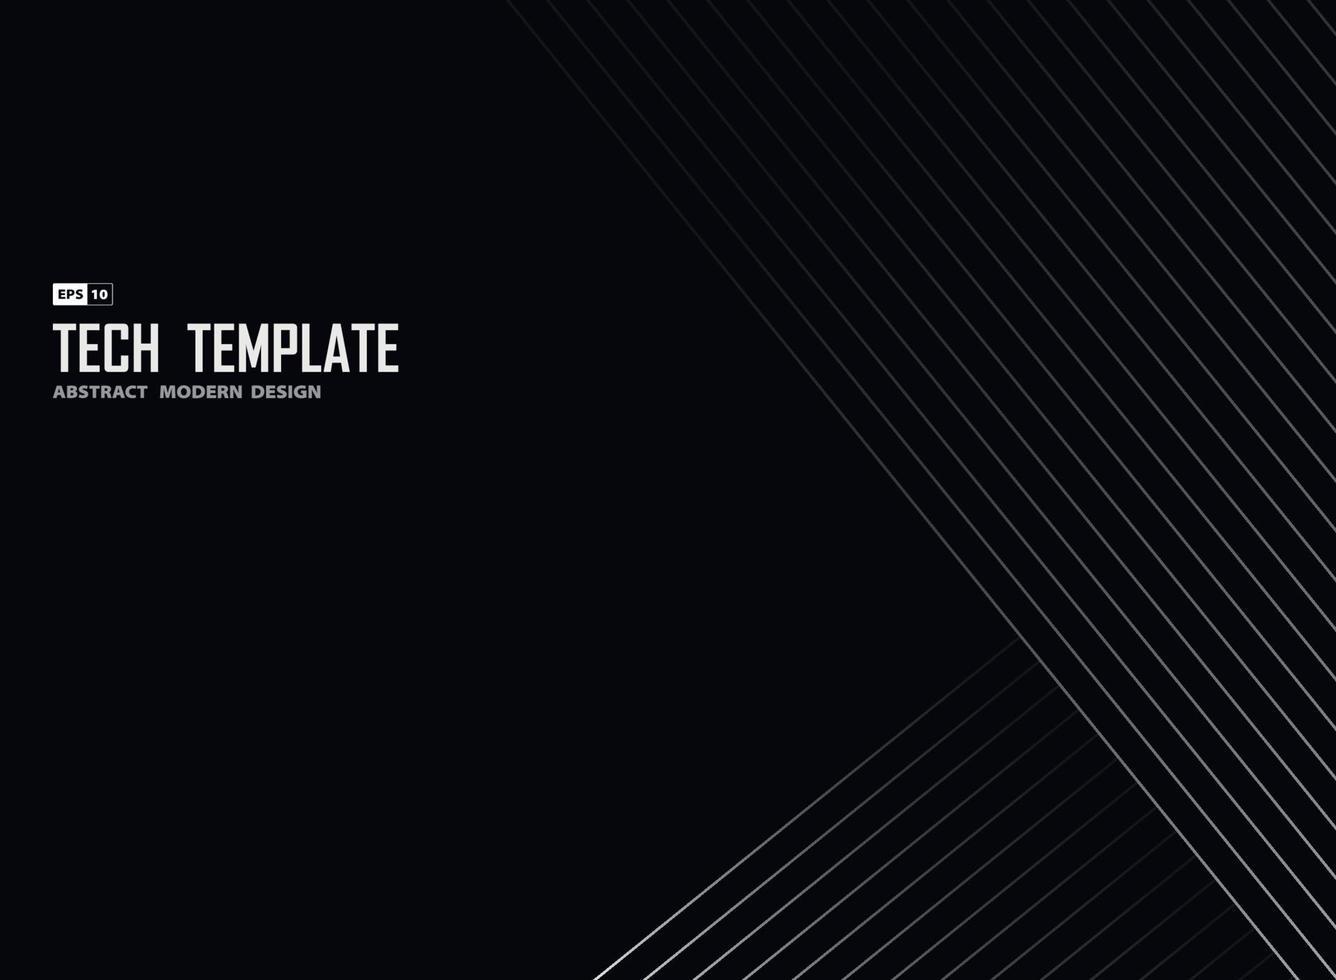 abstrakte weiße Linie Tech-Streifen auf schwarzem Hintergrund Design-Vorlage. Illustrationsvektor vektor